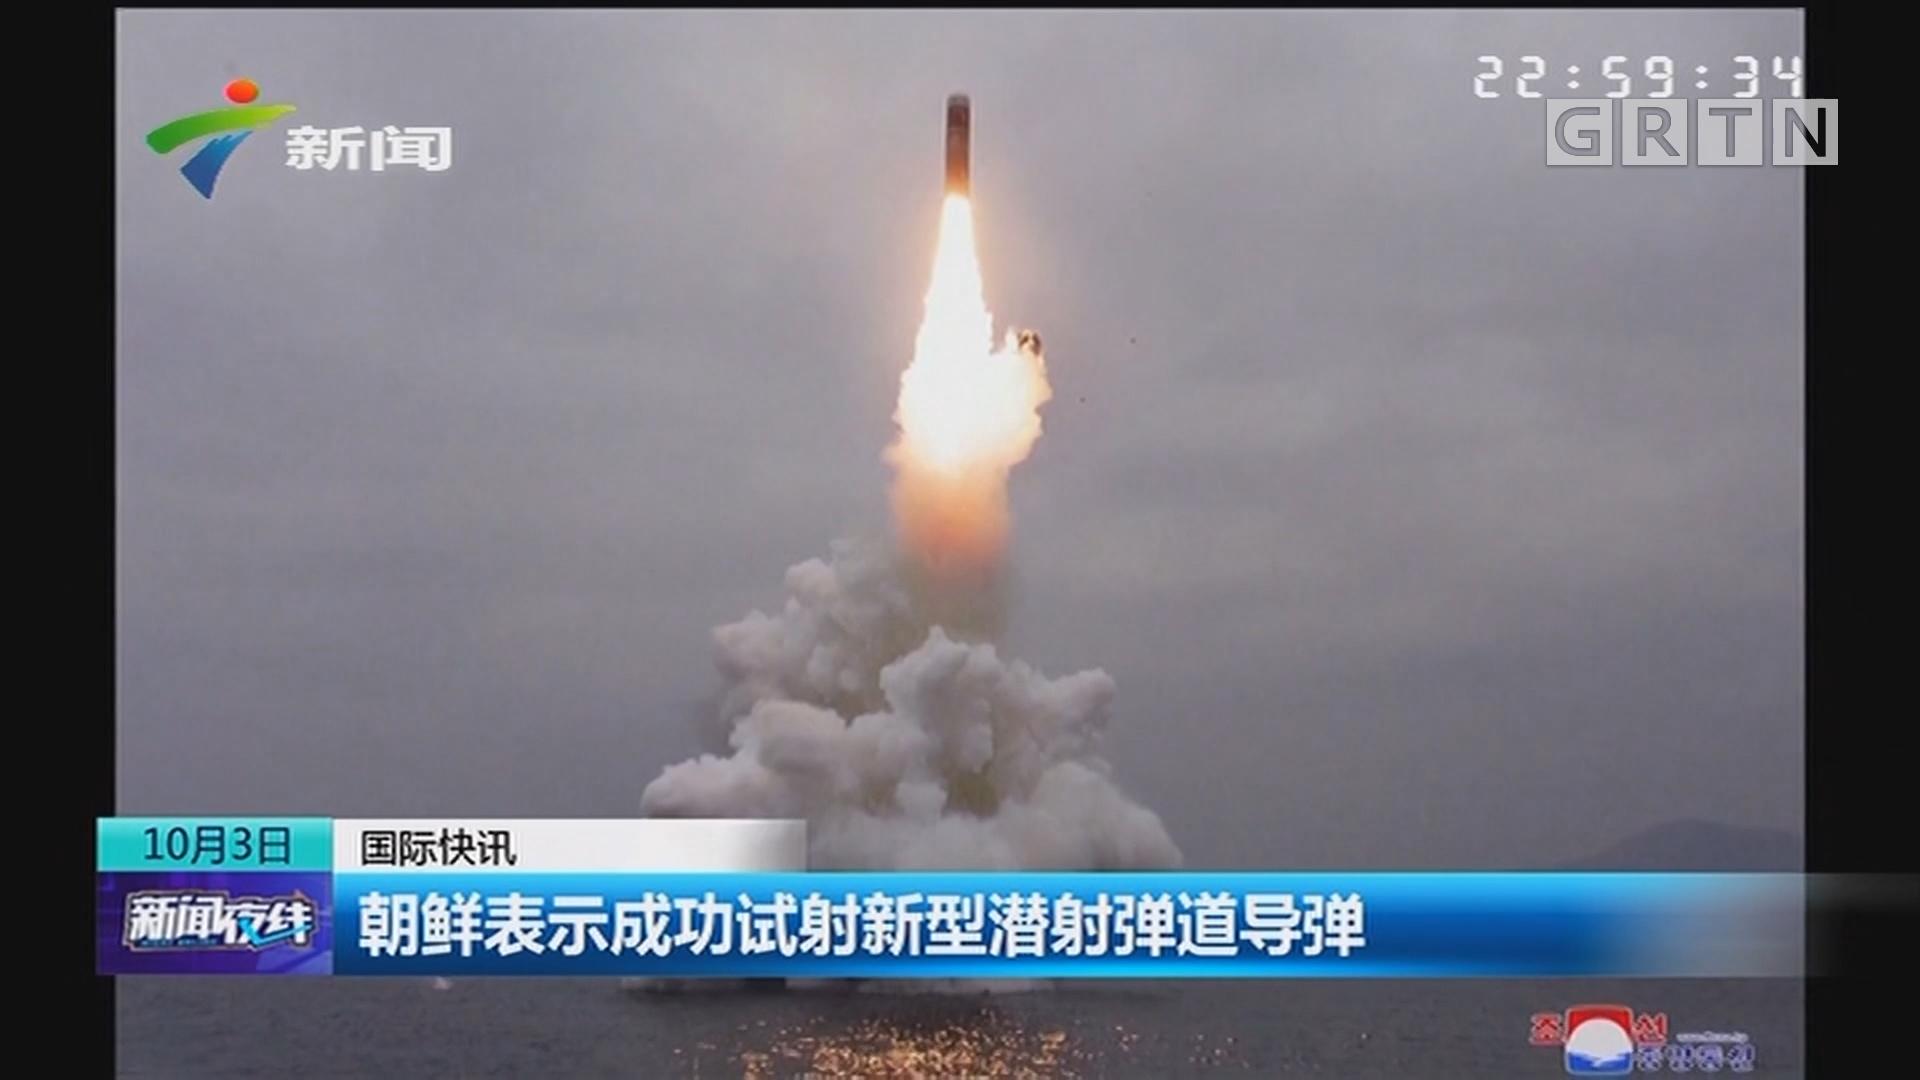 朝鲜表示成功试射新型潜射弹道导弹